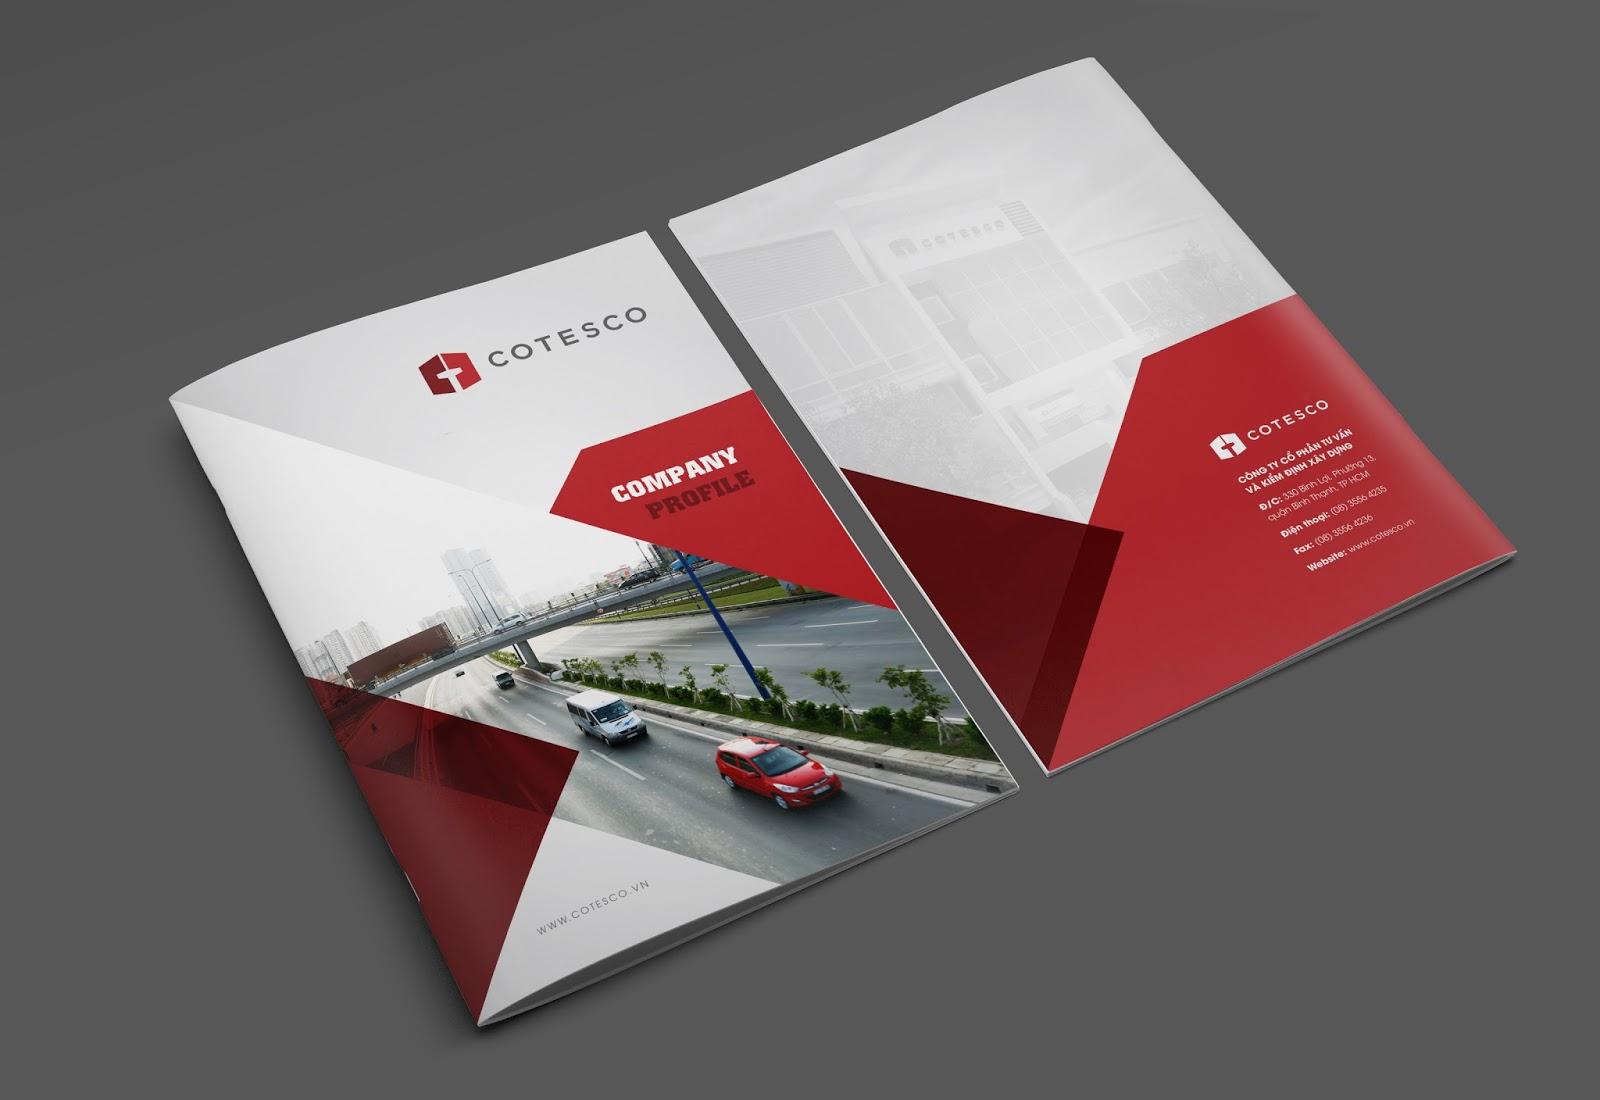 In profile công ty đẹp, hồ sơ năng lực, sách giới thiệu công ty Cotesco